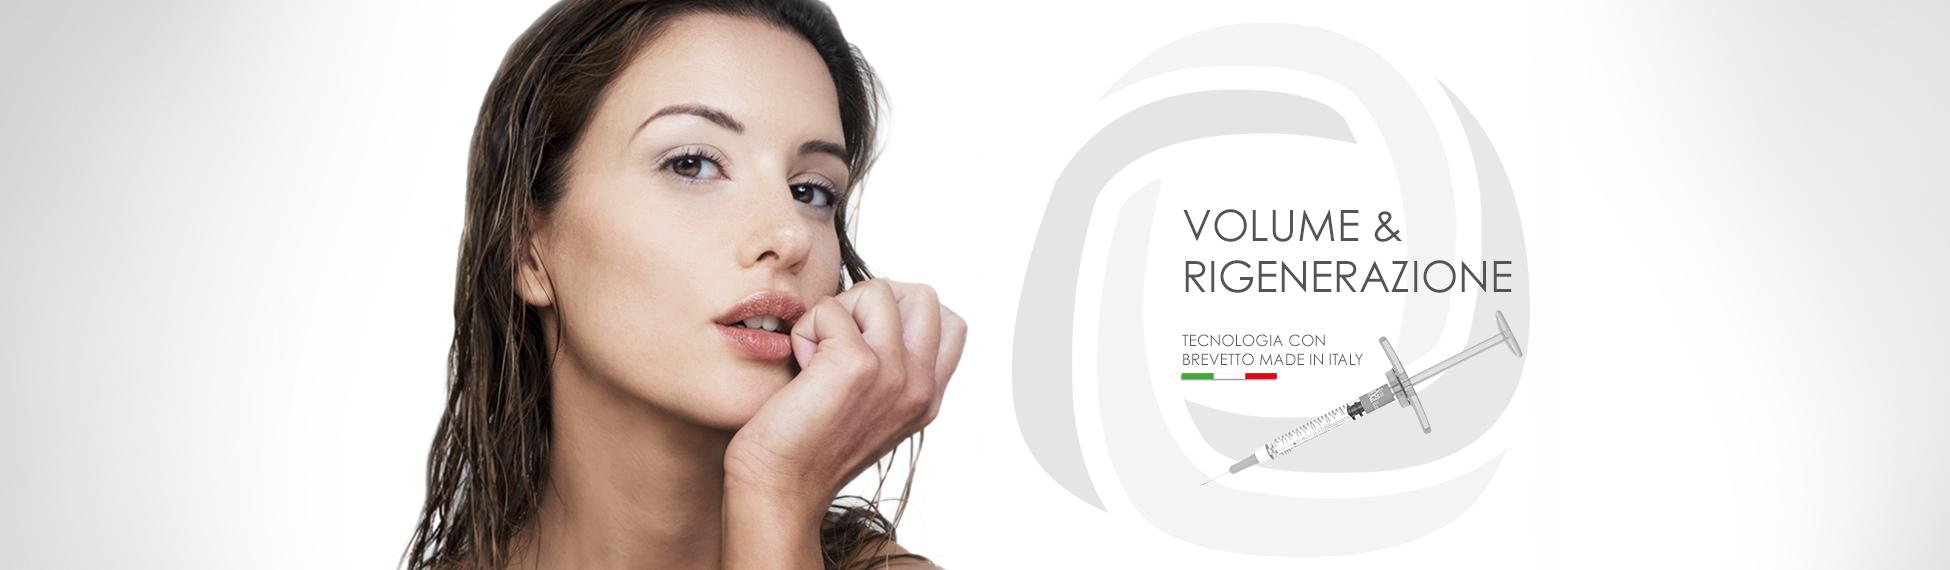 BIORIVOLUMETRIA, volume e rigenerazione. Tecnologia con brevetto made in Italy.